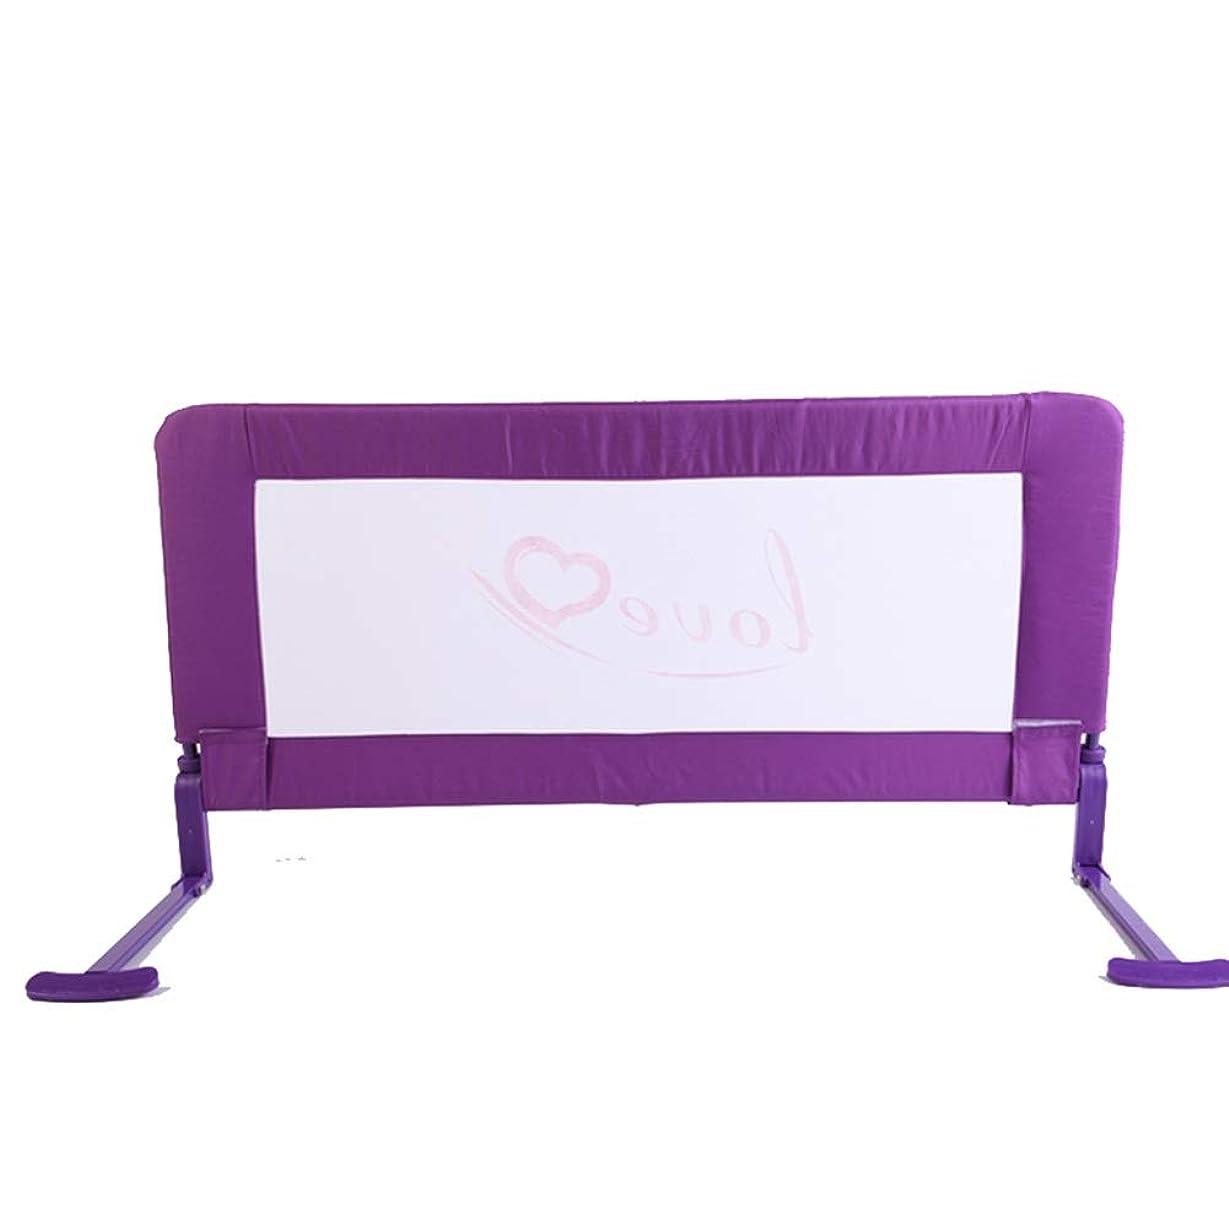 好奇心盛かける検閲HLMIN ベッドレール ポータブル ベッドレール、 折りたたみ式 ベッドガードレール 赤ちゃんと子供の安全シールド、 落下防止 120センチ、 2色 (Color : Purple, Size : 1.2m)